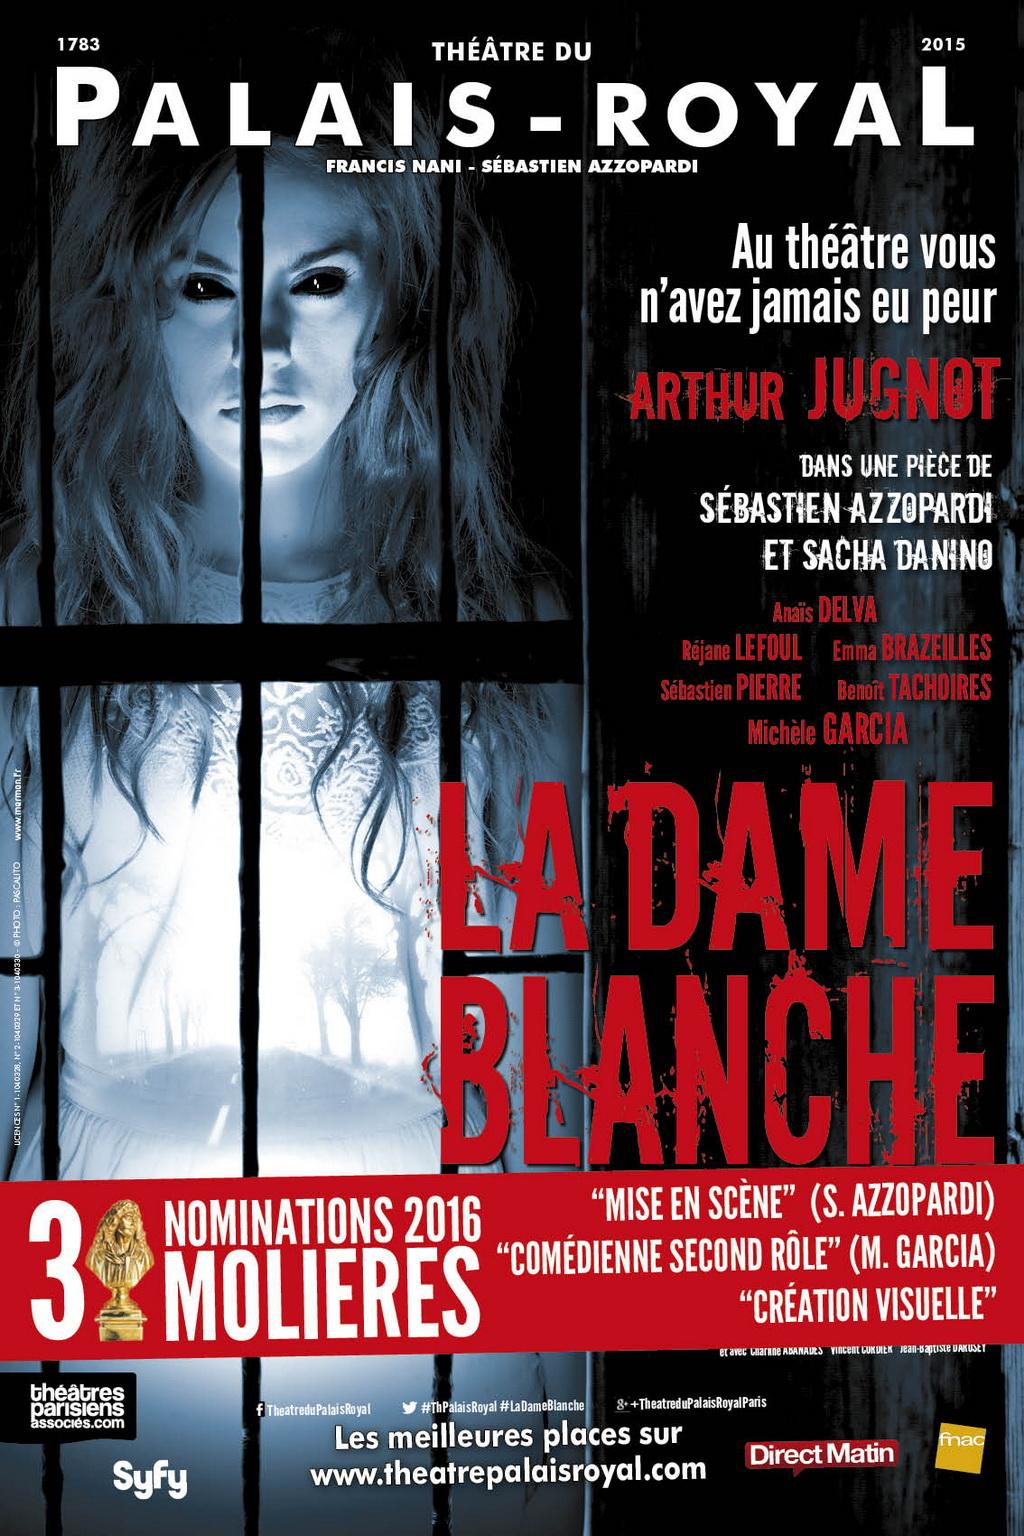 la-dame-blanche1